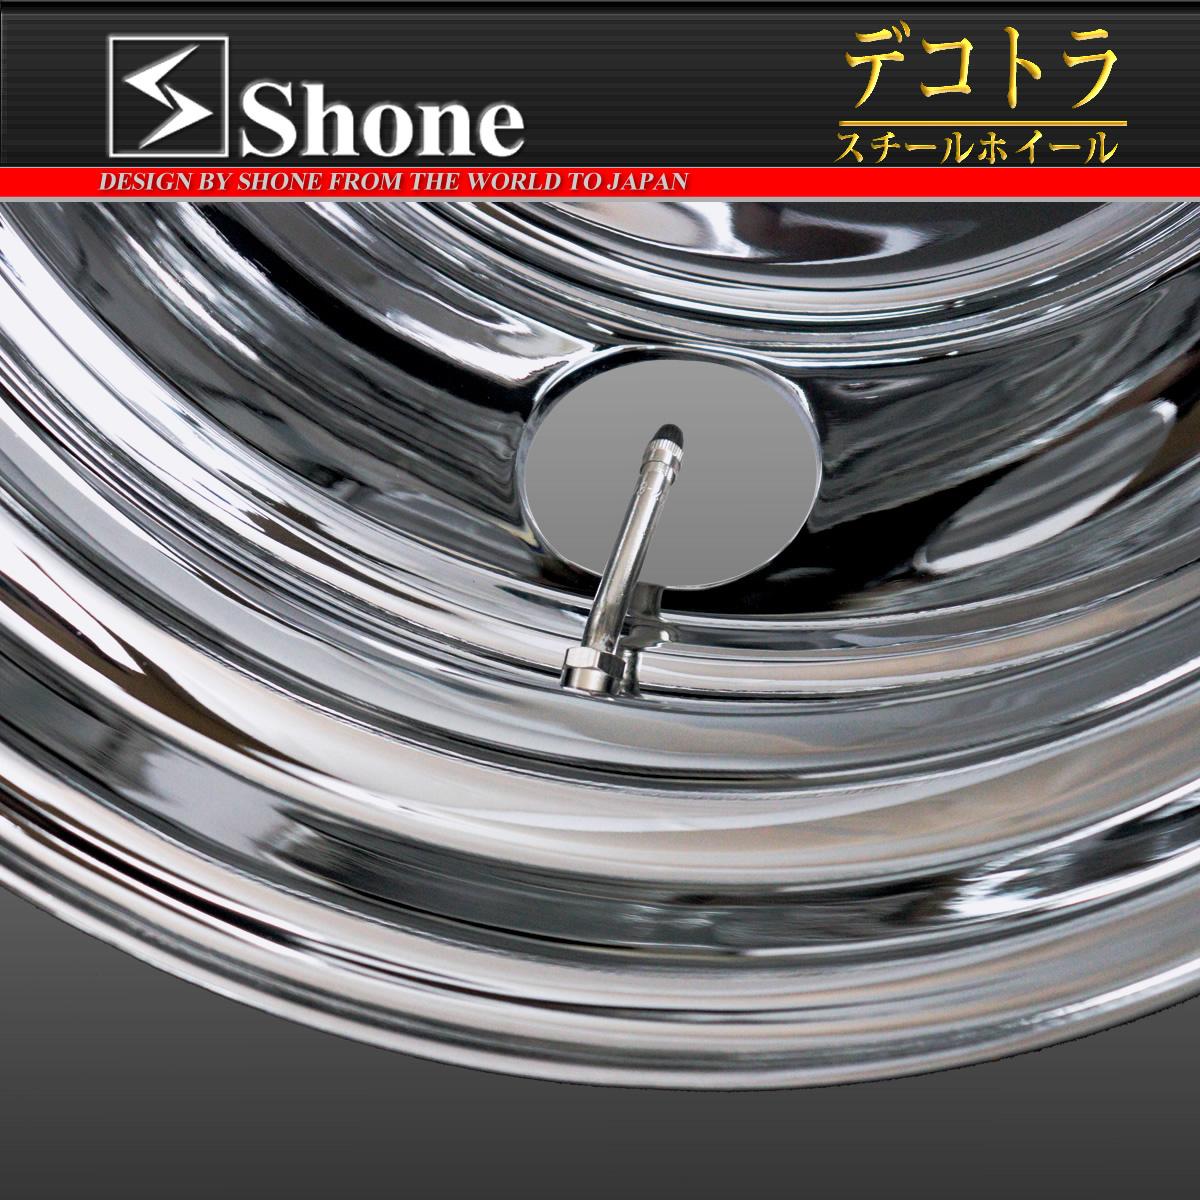 キャンター用 17.5×6.00 スチールホイール クロームメッキ リア用 6穴 オフセット+127 1本価格 JIS規格 SHONE製